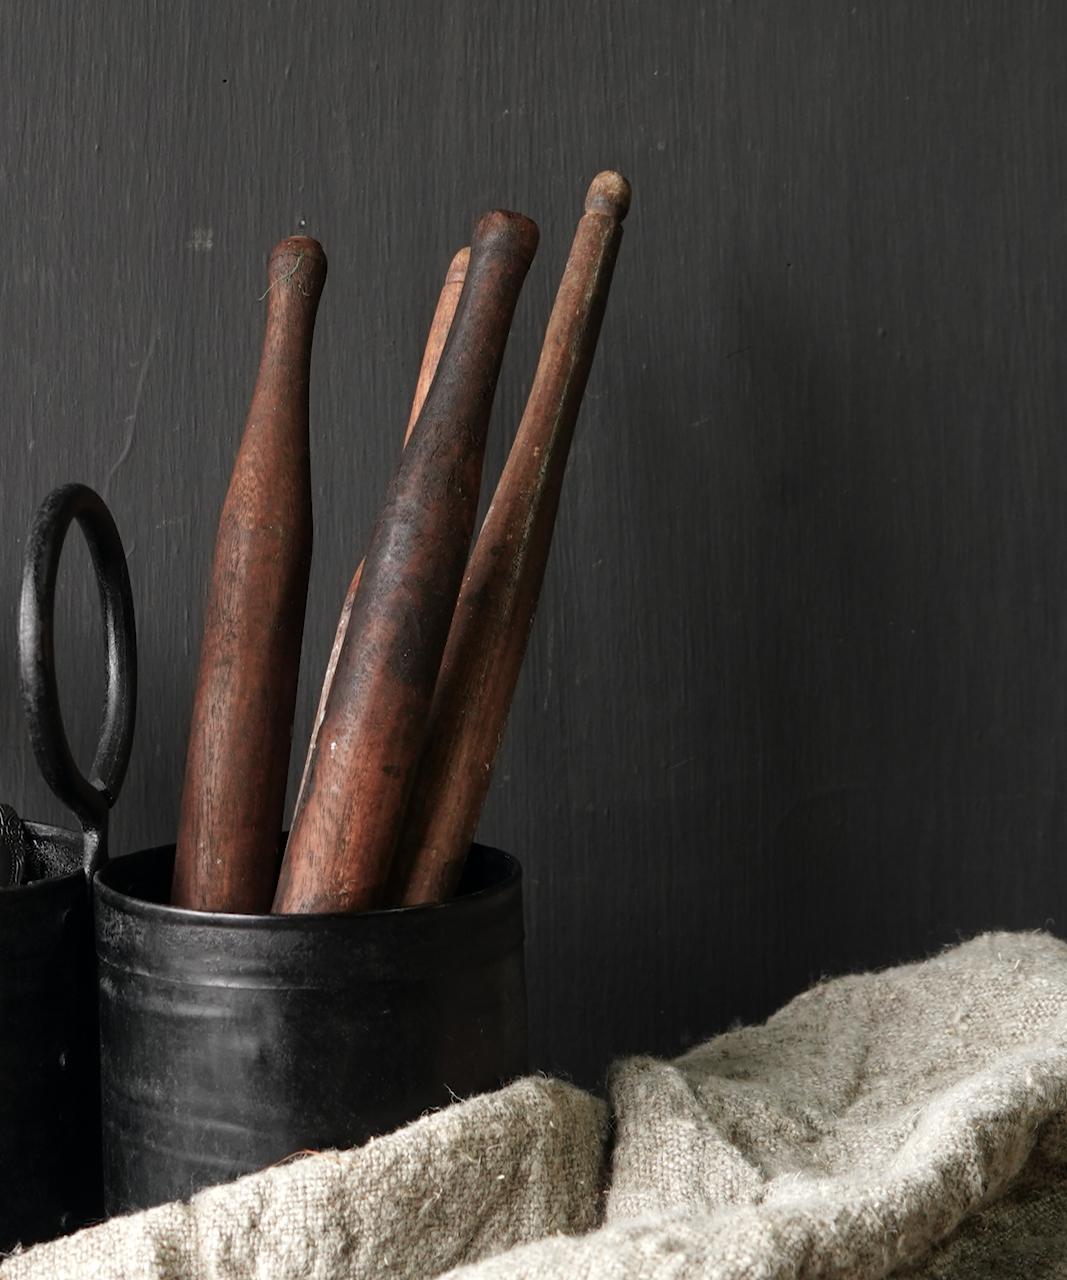 Klein houten chapati deeg rolletje-3